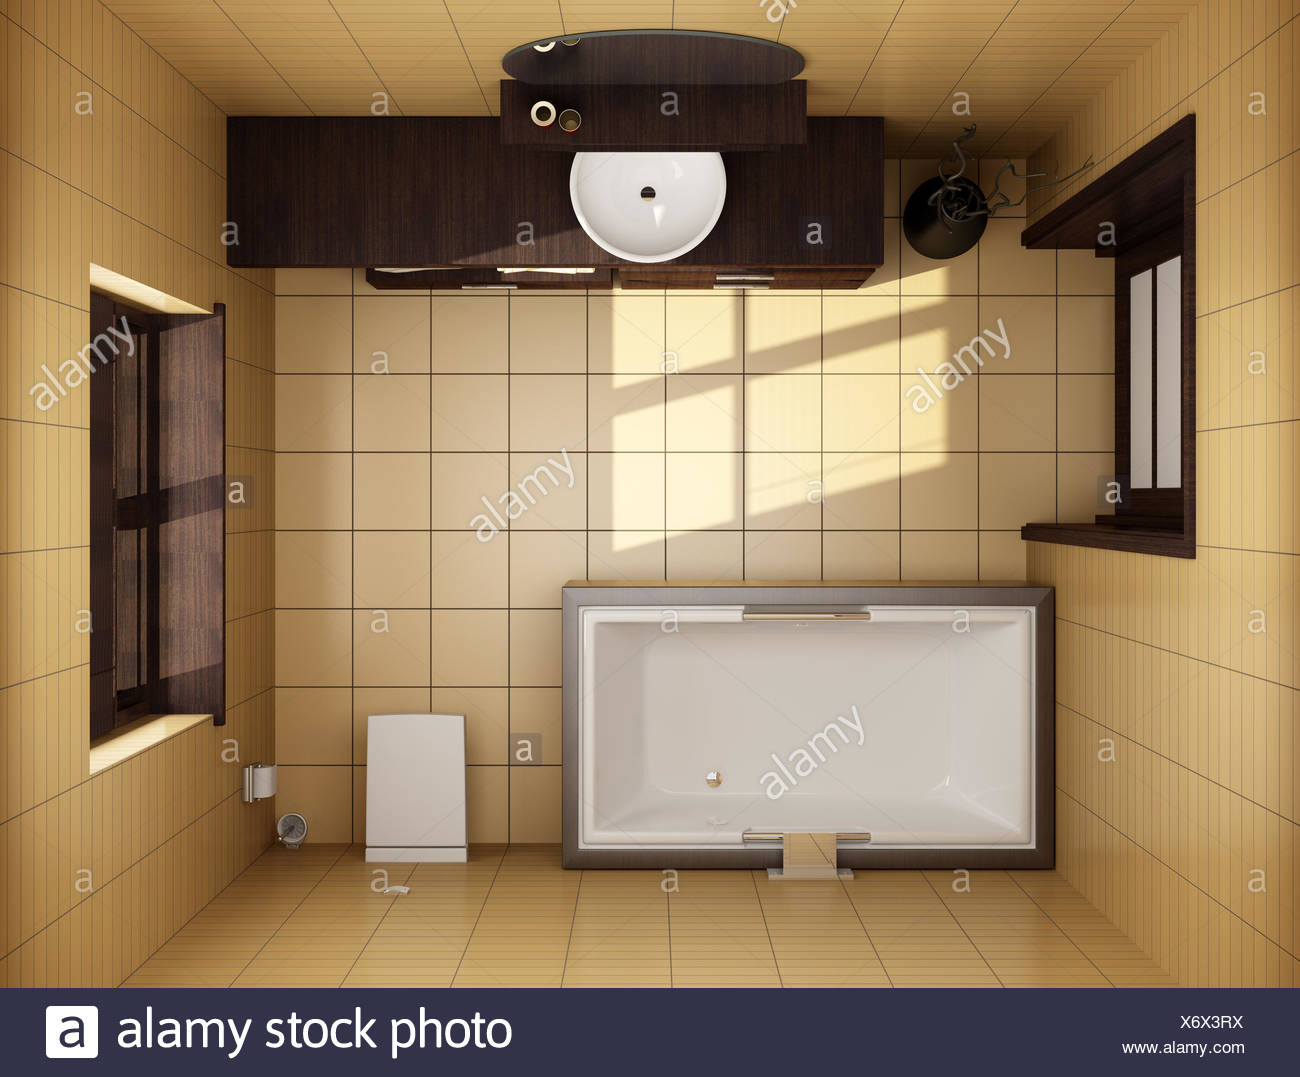 Stile giapponese bagno con piastrelle marrone vista superiore